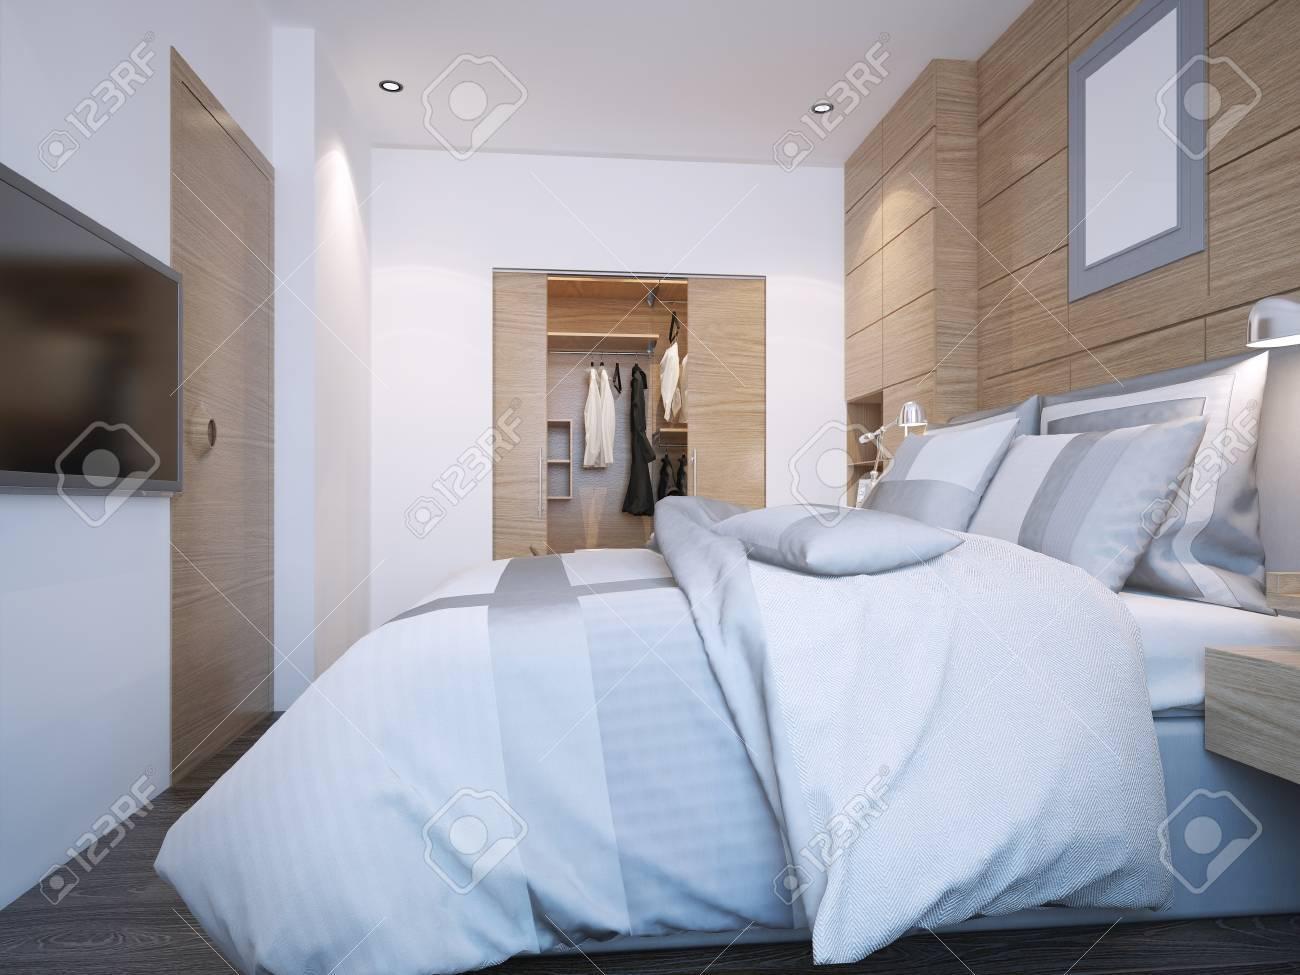 . Design of modern bedroom with walk in closet  3D render